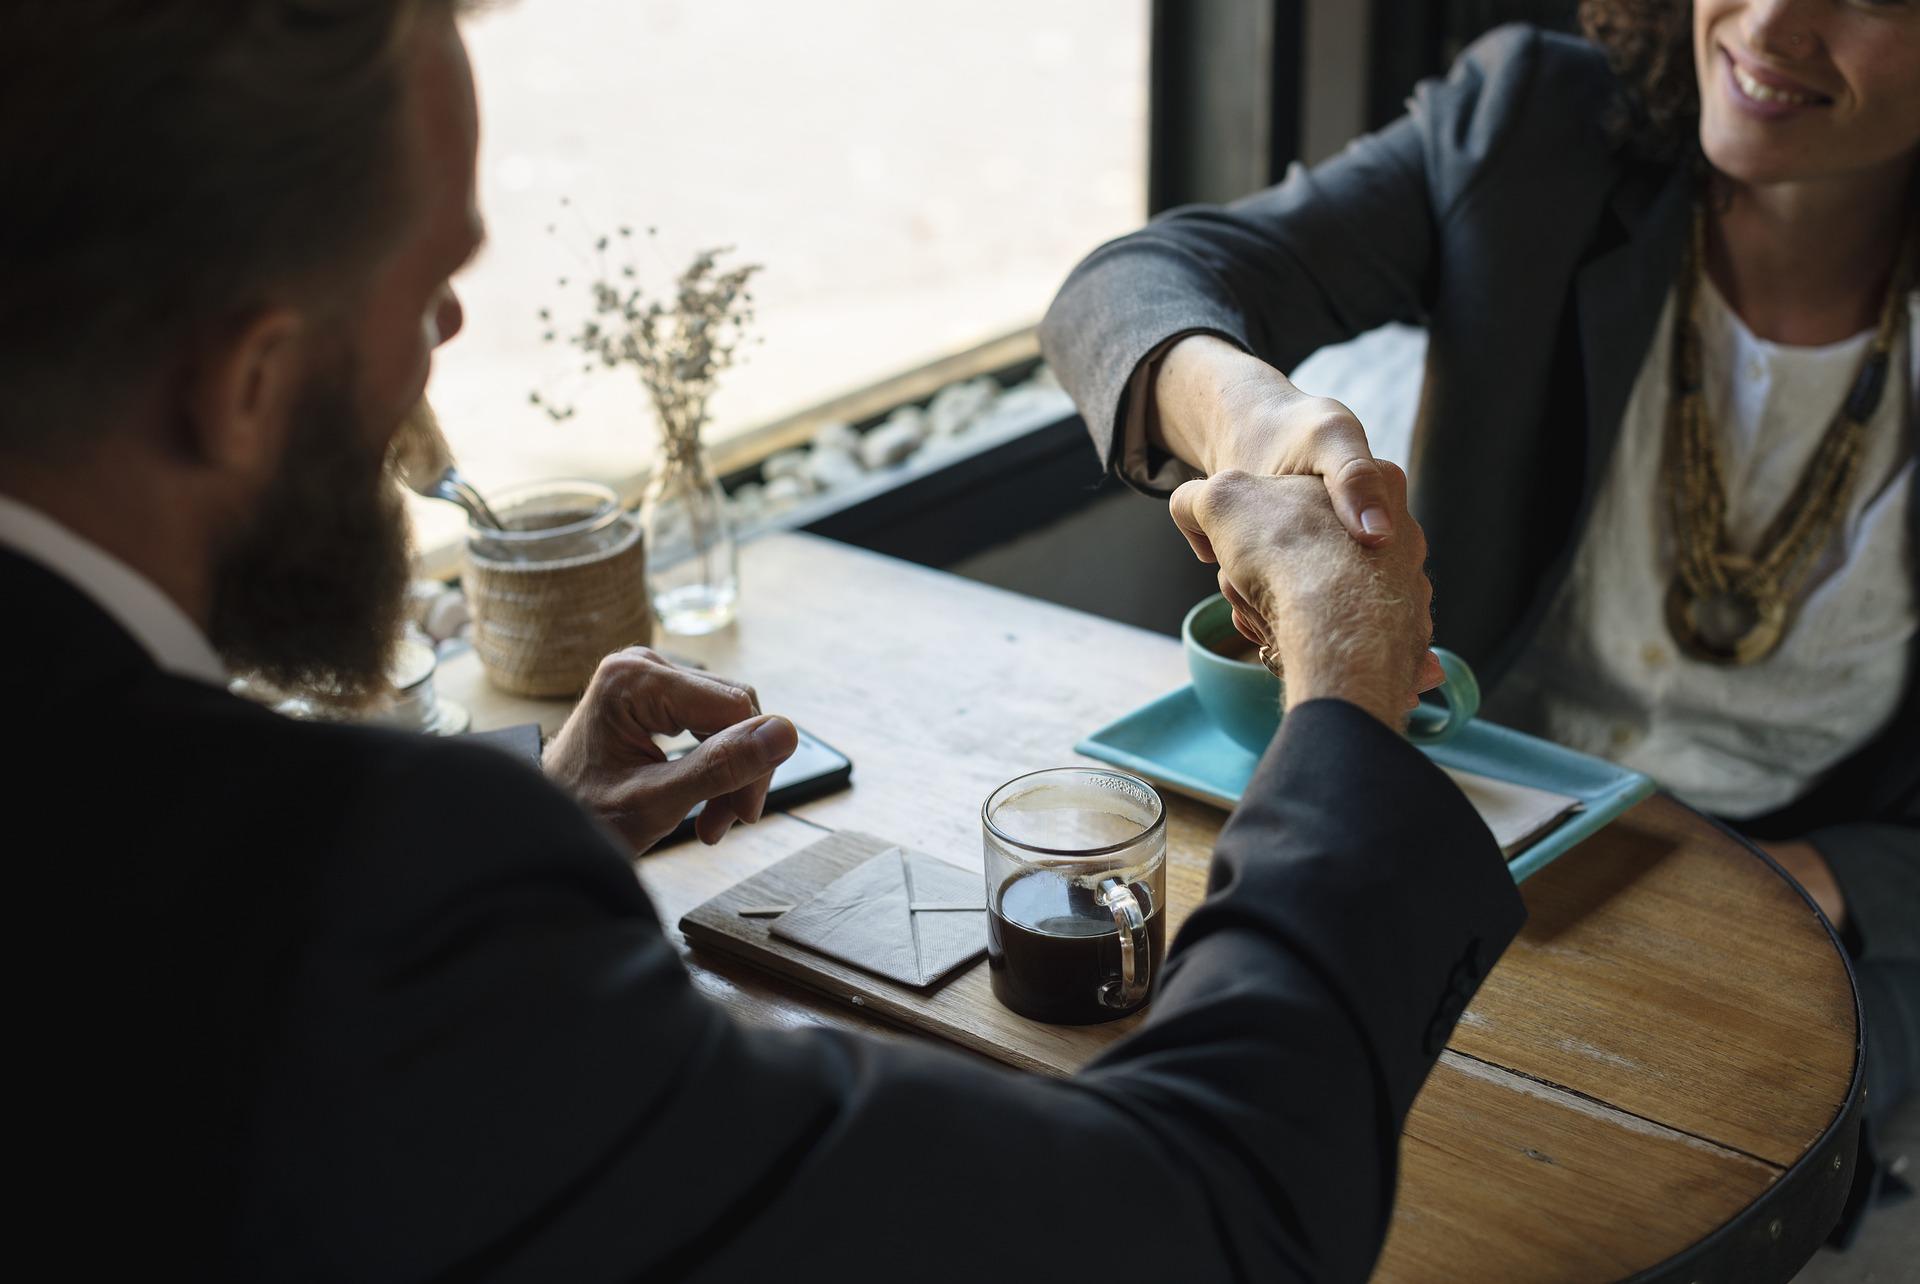 Kölcsönösség, kikényszerítés, körkörös védelem – az üzleti kapcsolatok alapjait tárja fel a Hétfa új elemzése